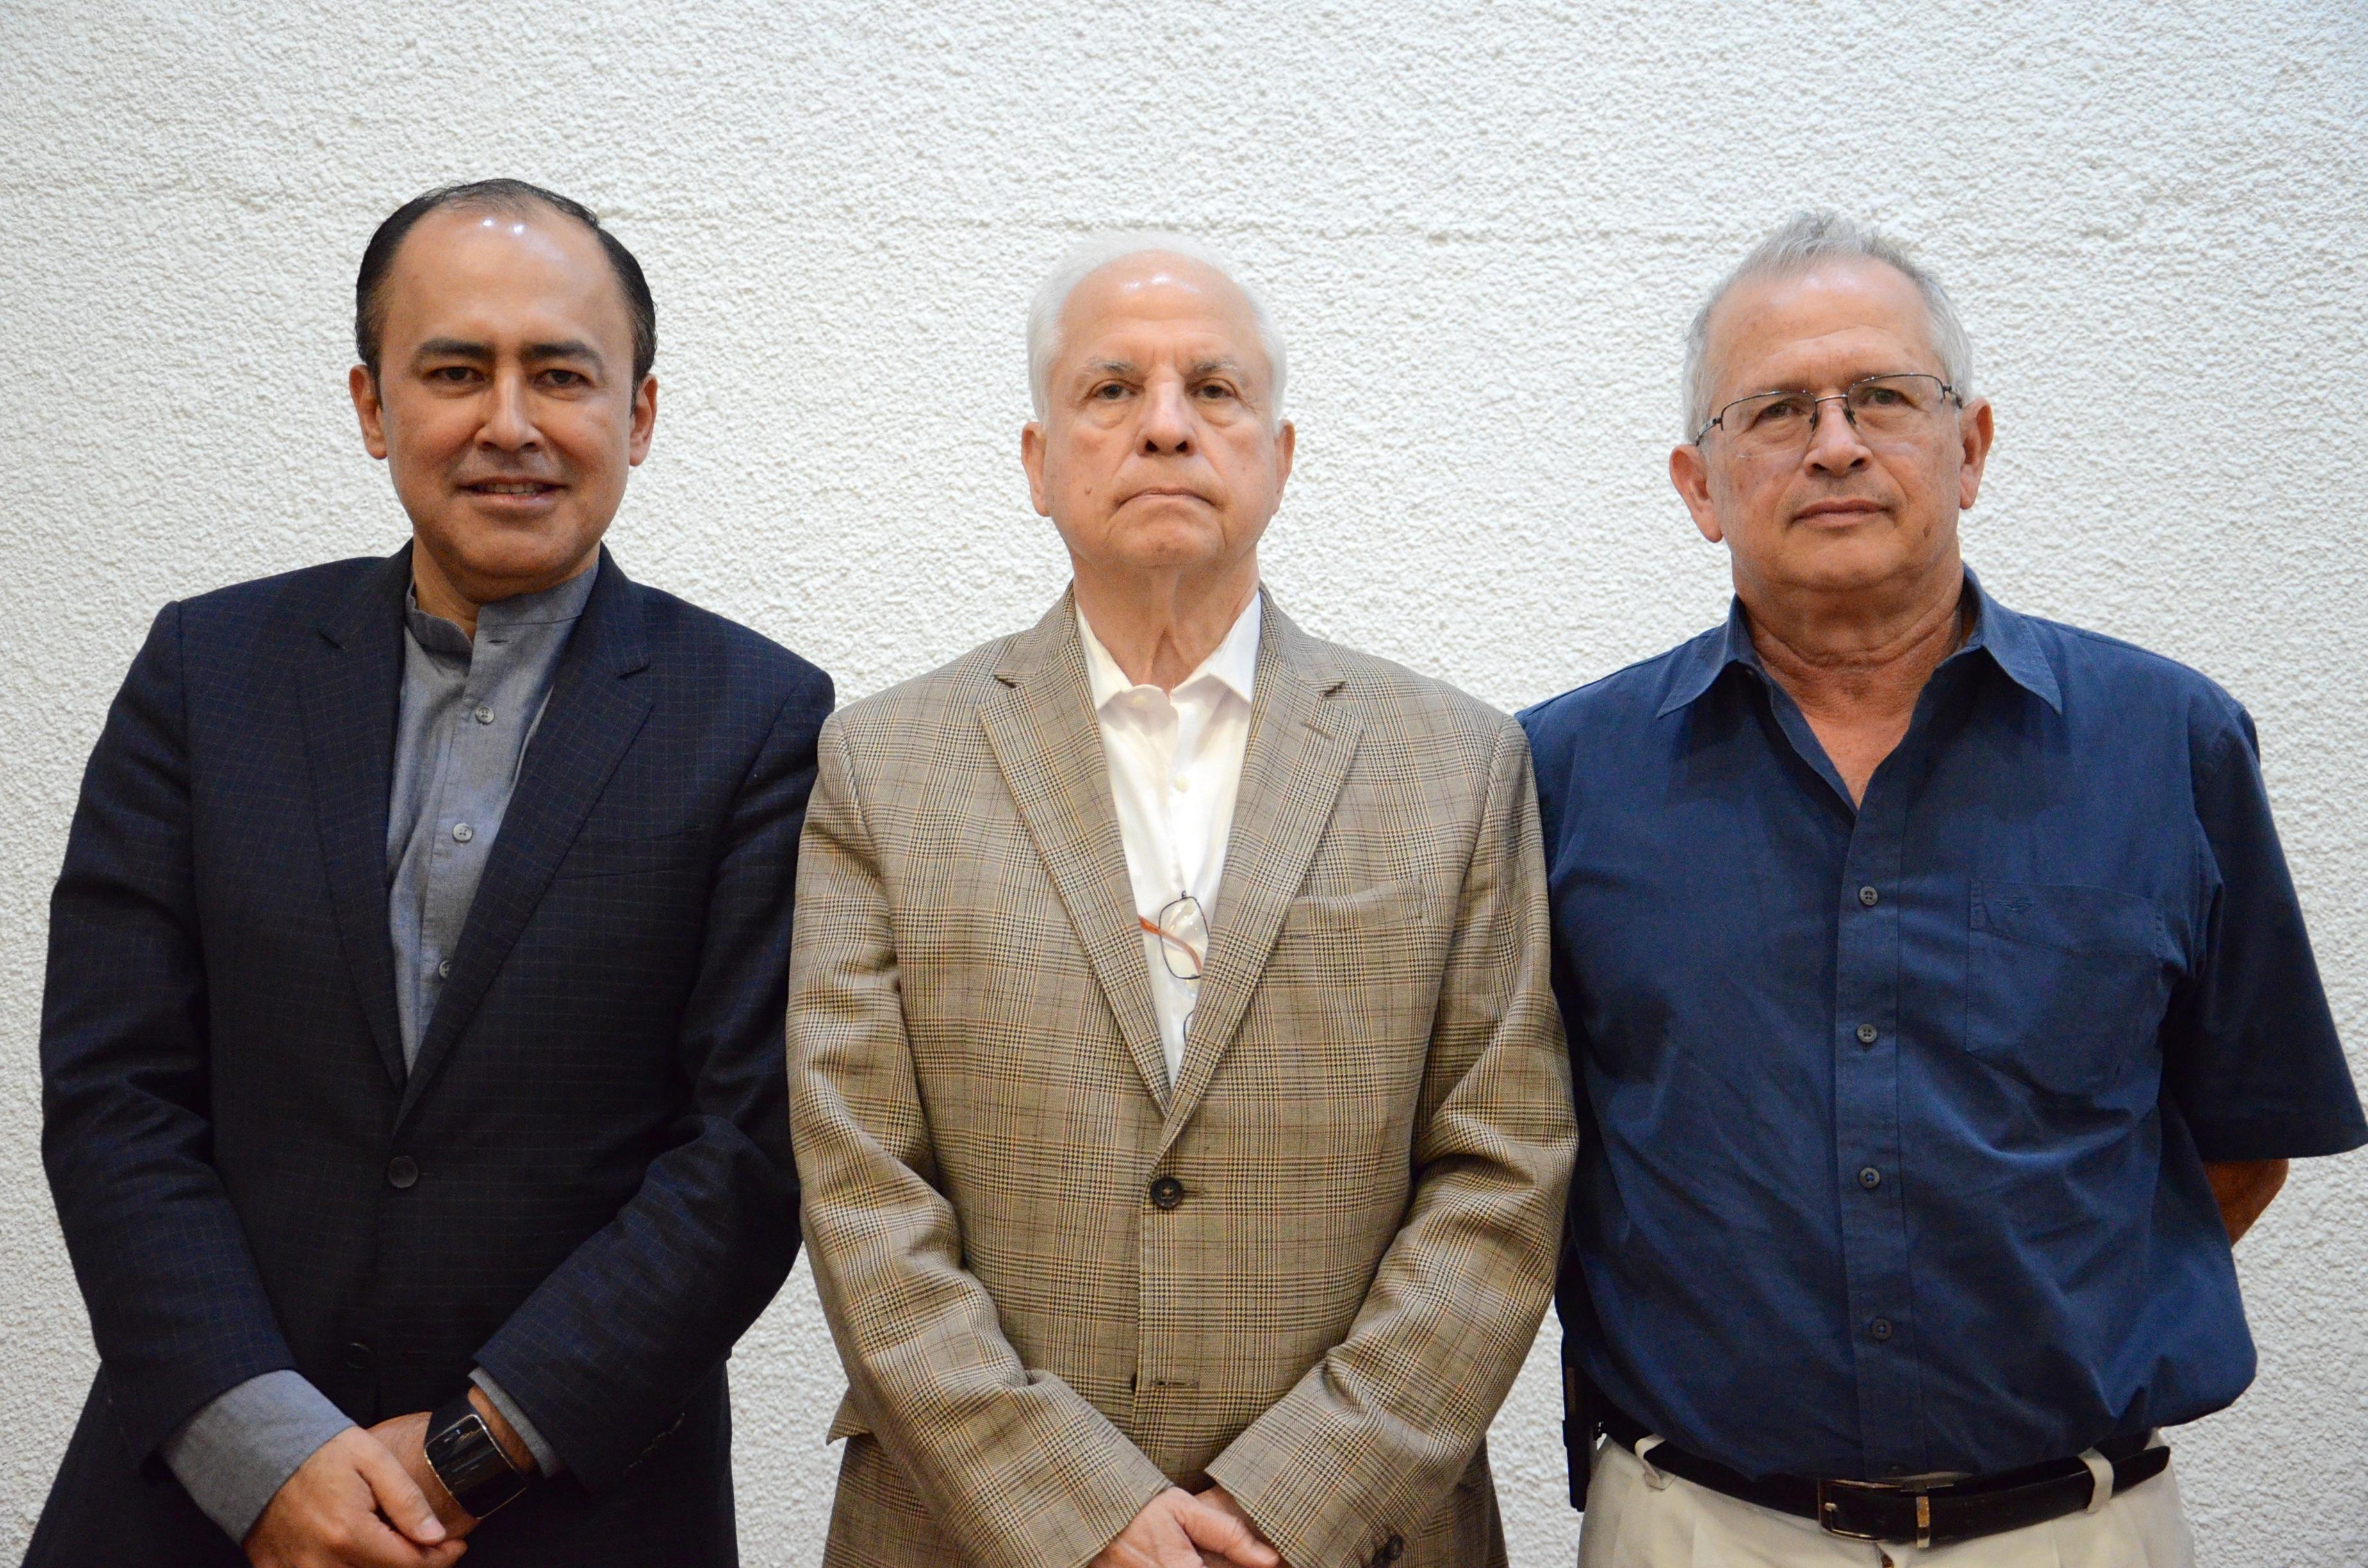 Óscar Aguirre Jáuregui, Jaime Federico Andrade Villanueva y Alfredo de Jesús Celis de la Rosa